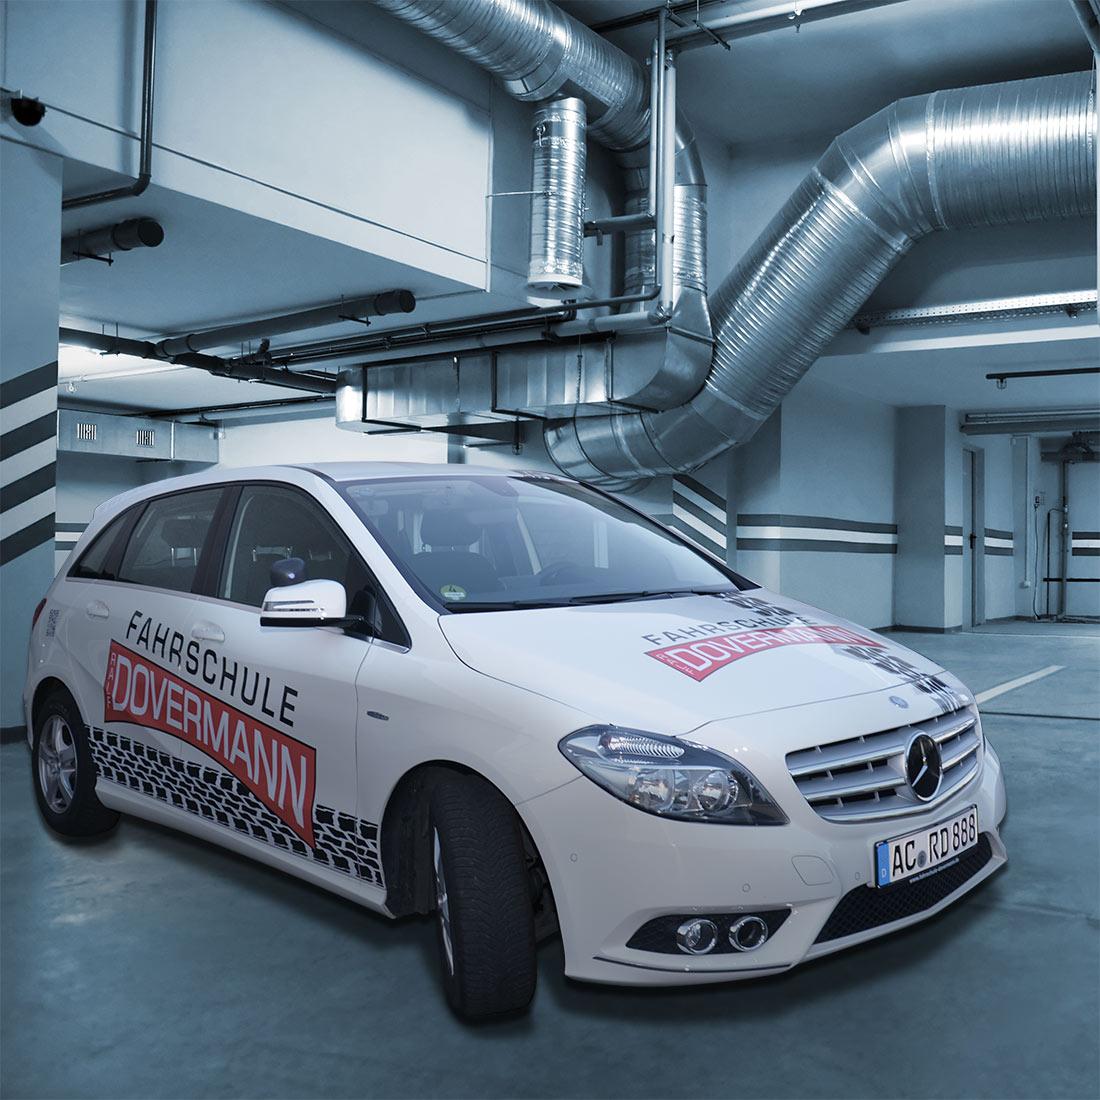 Fahr- und Gefahrgutschule Ralf Dovermann